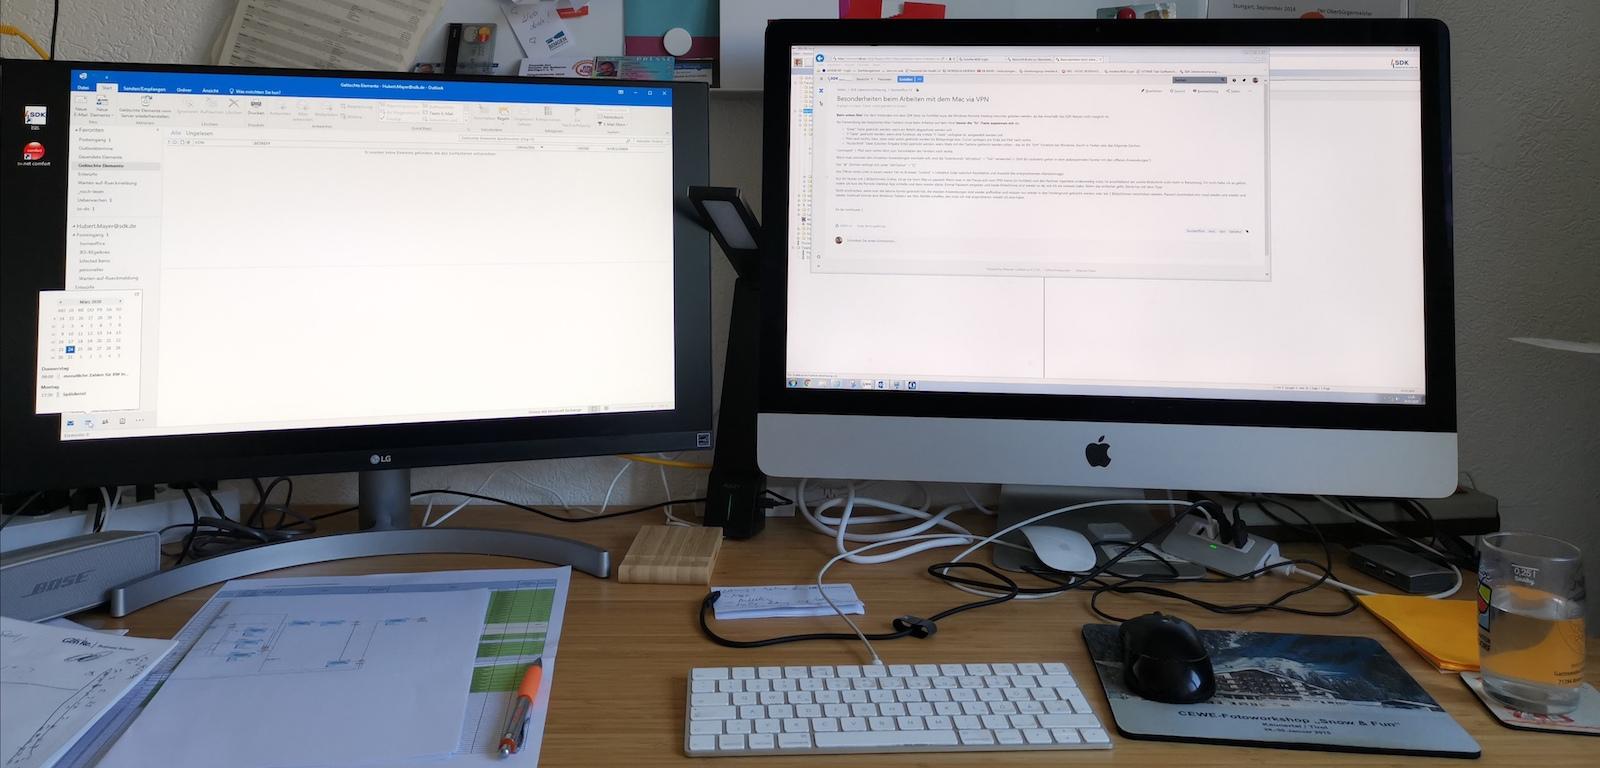 Ursprüngliches Setting zur #HomeOfficeLiebe